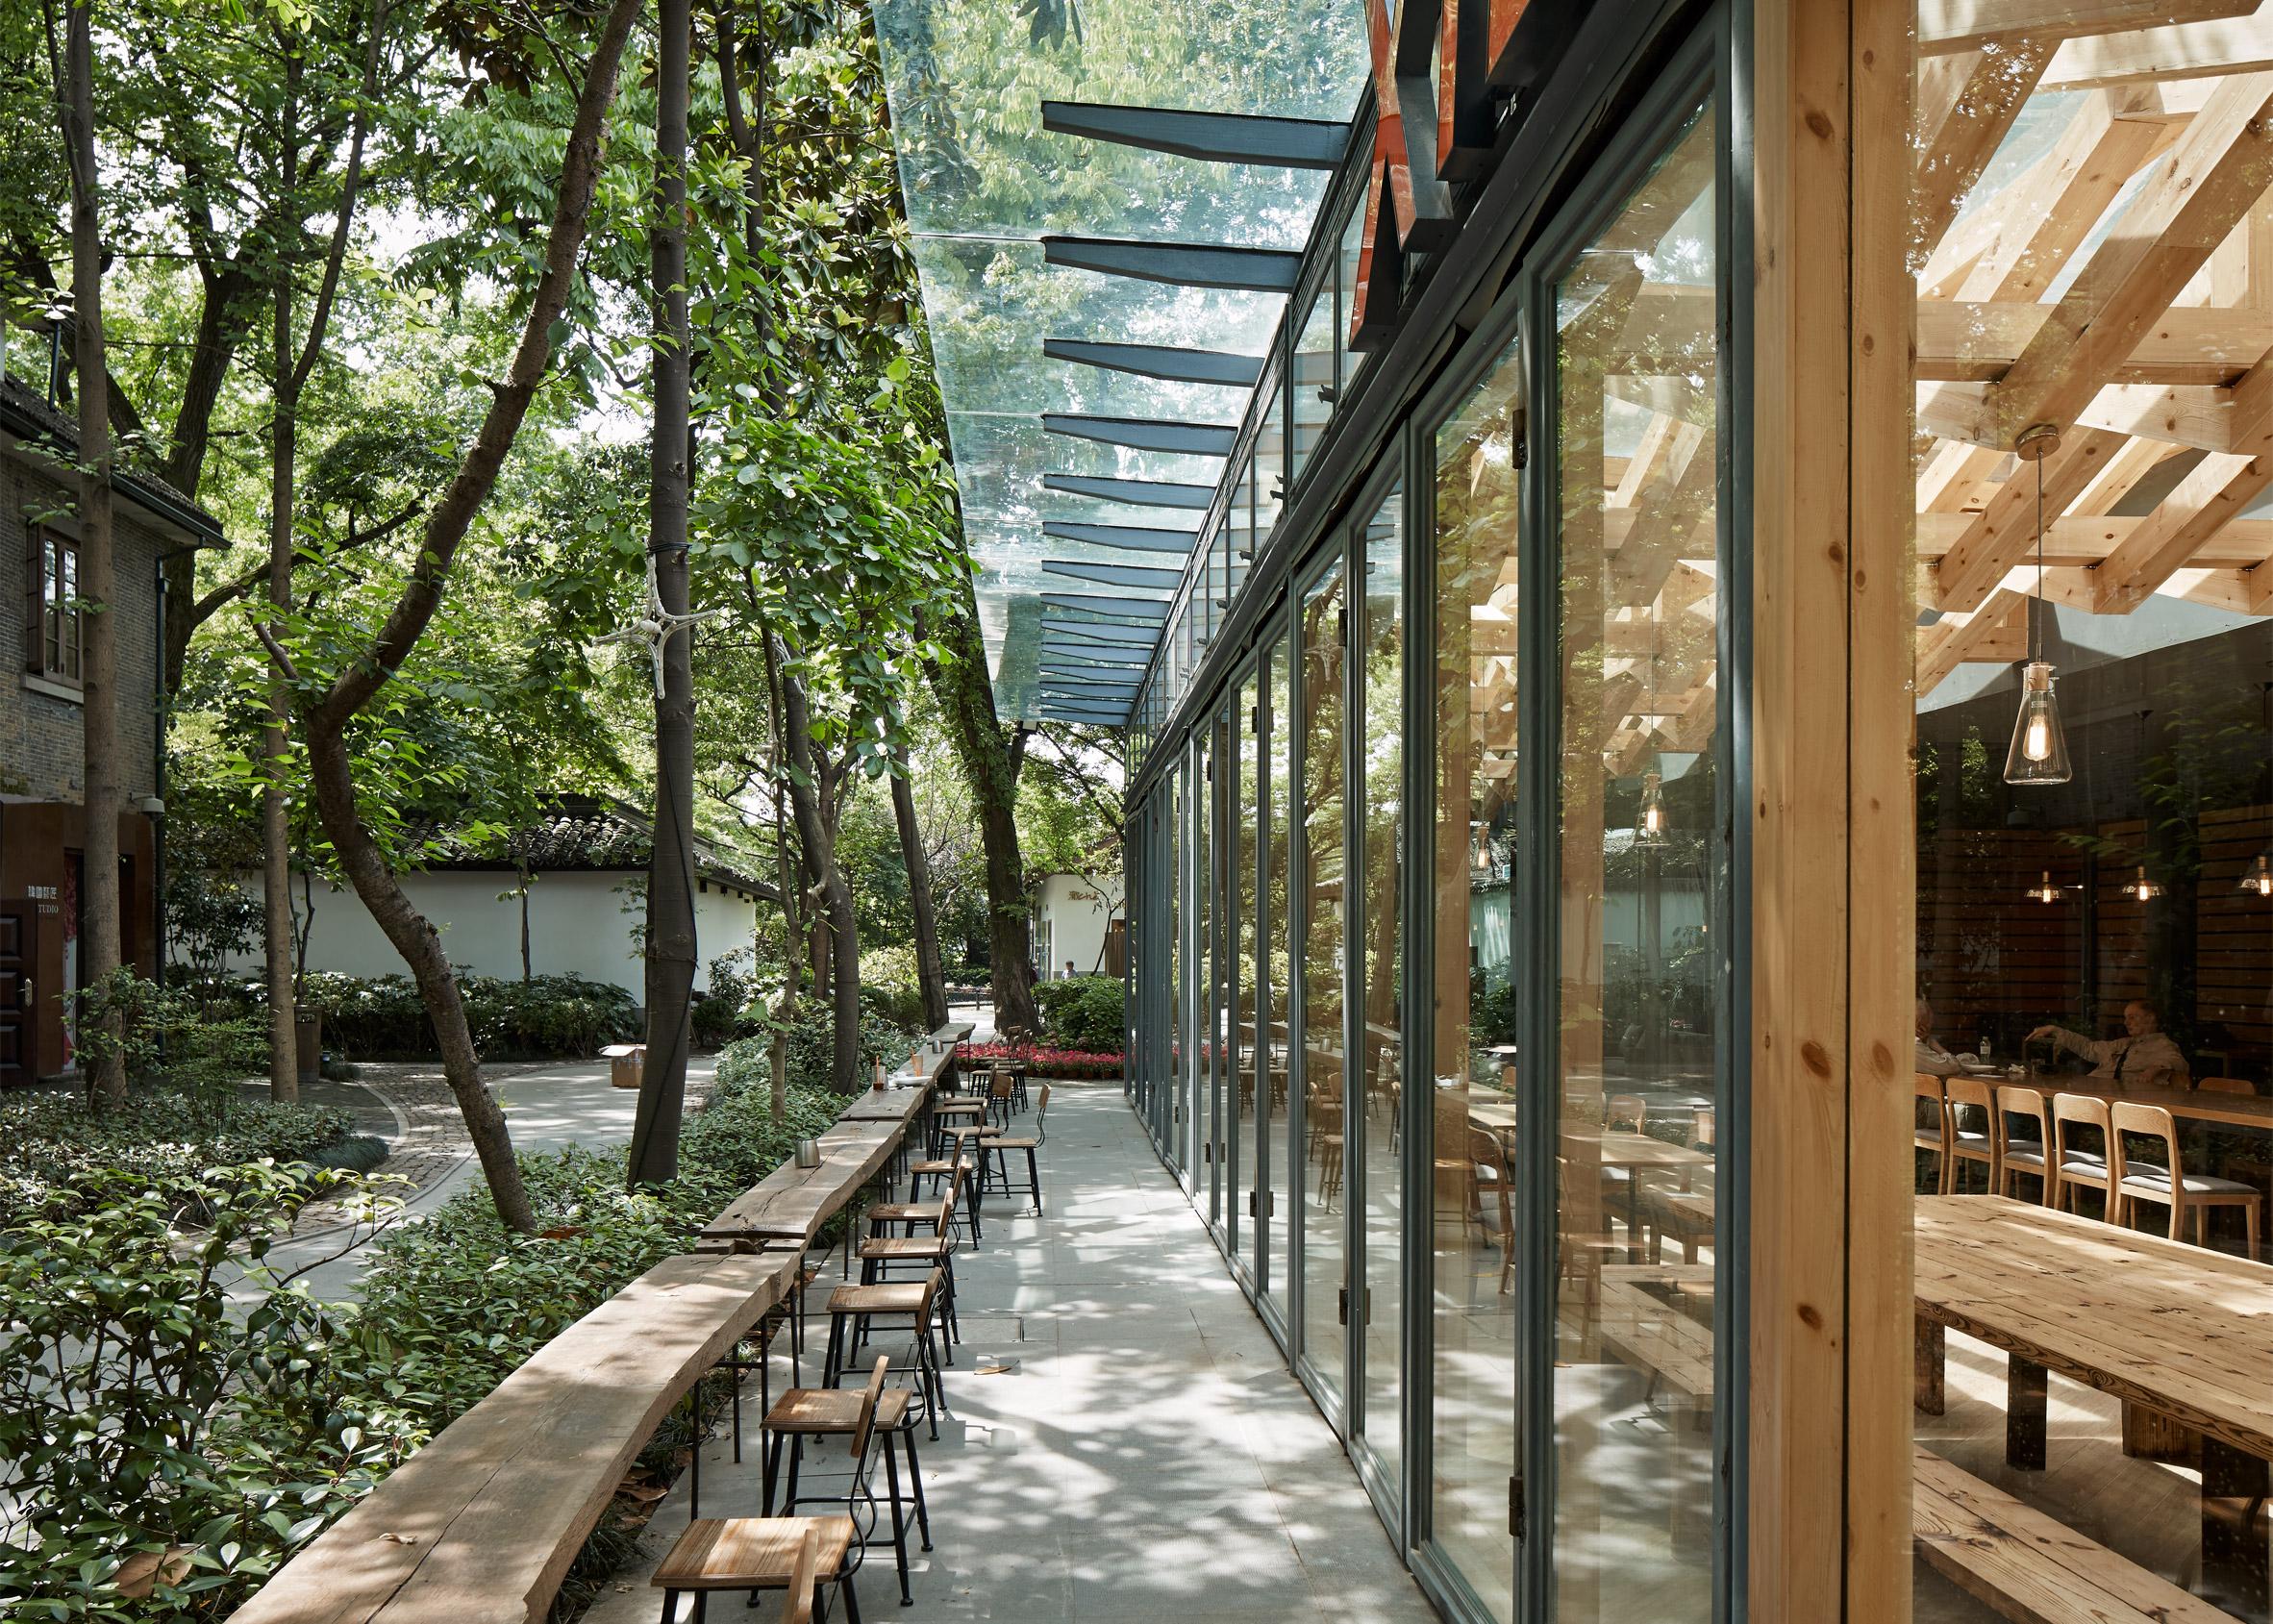 Xie Xie Cafe by Xooo Architects